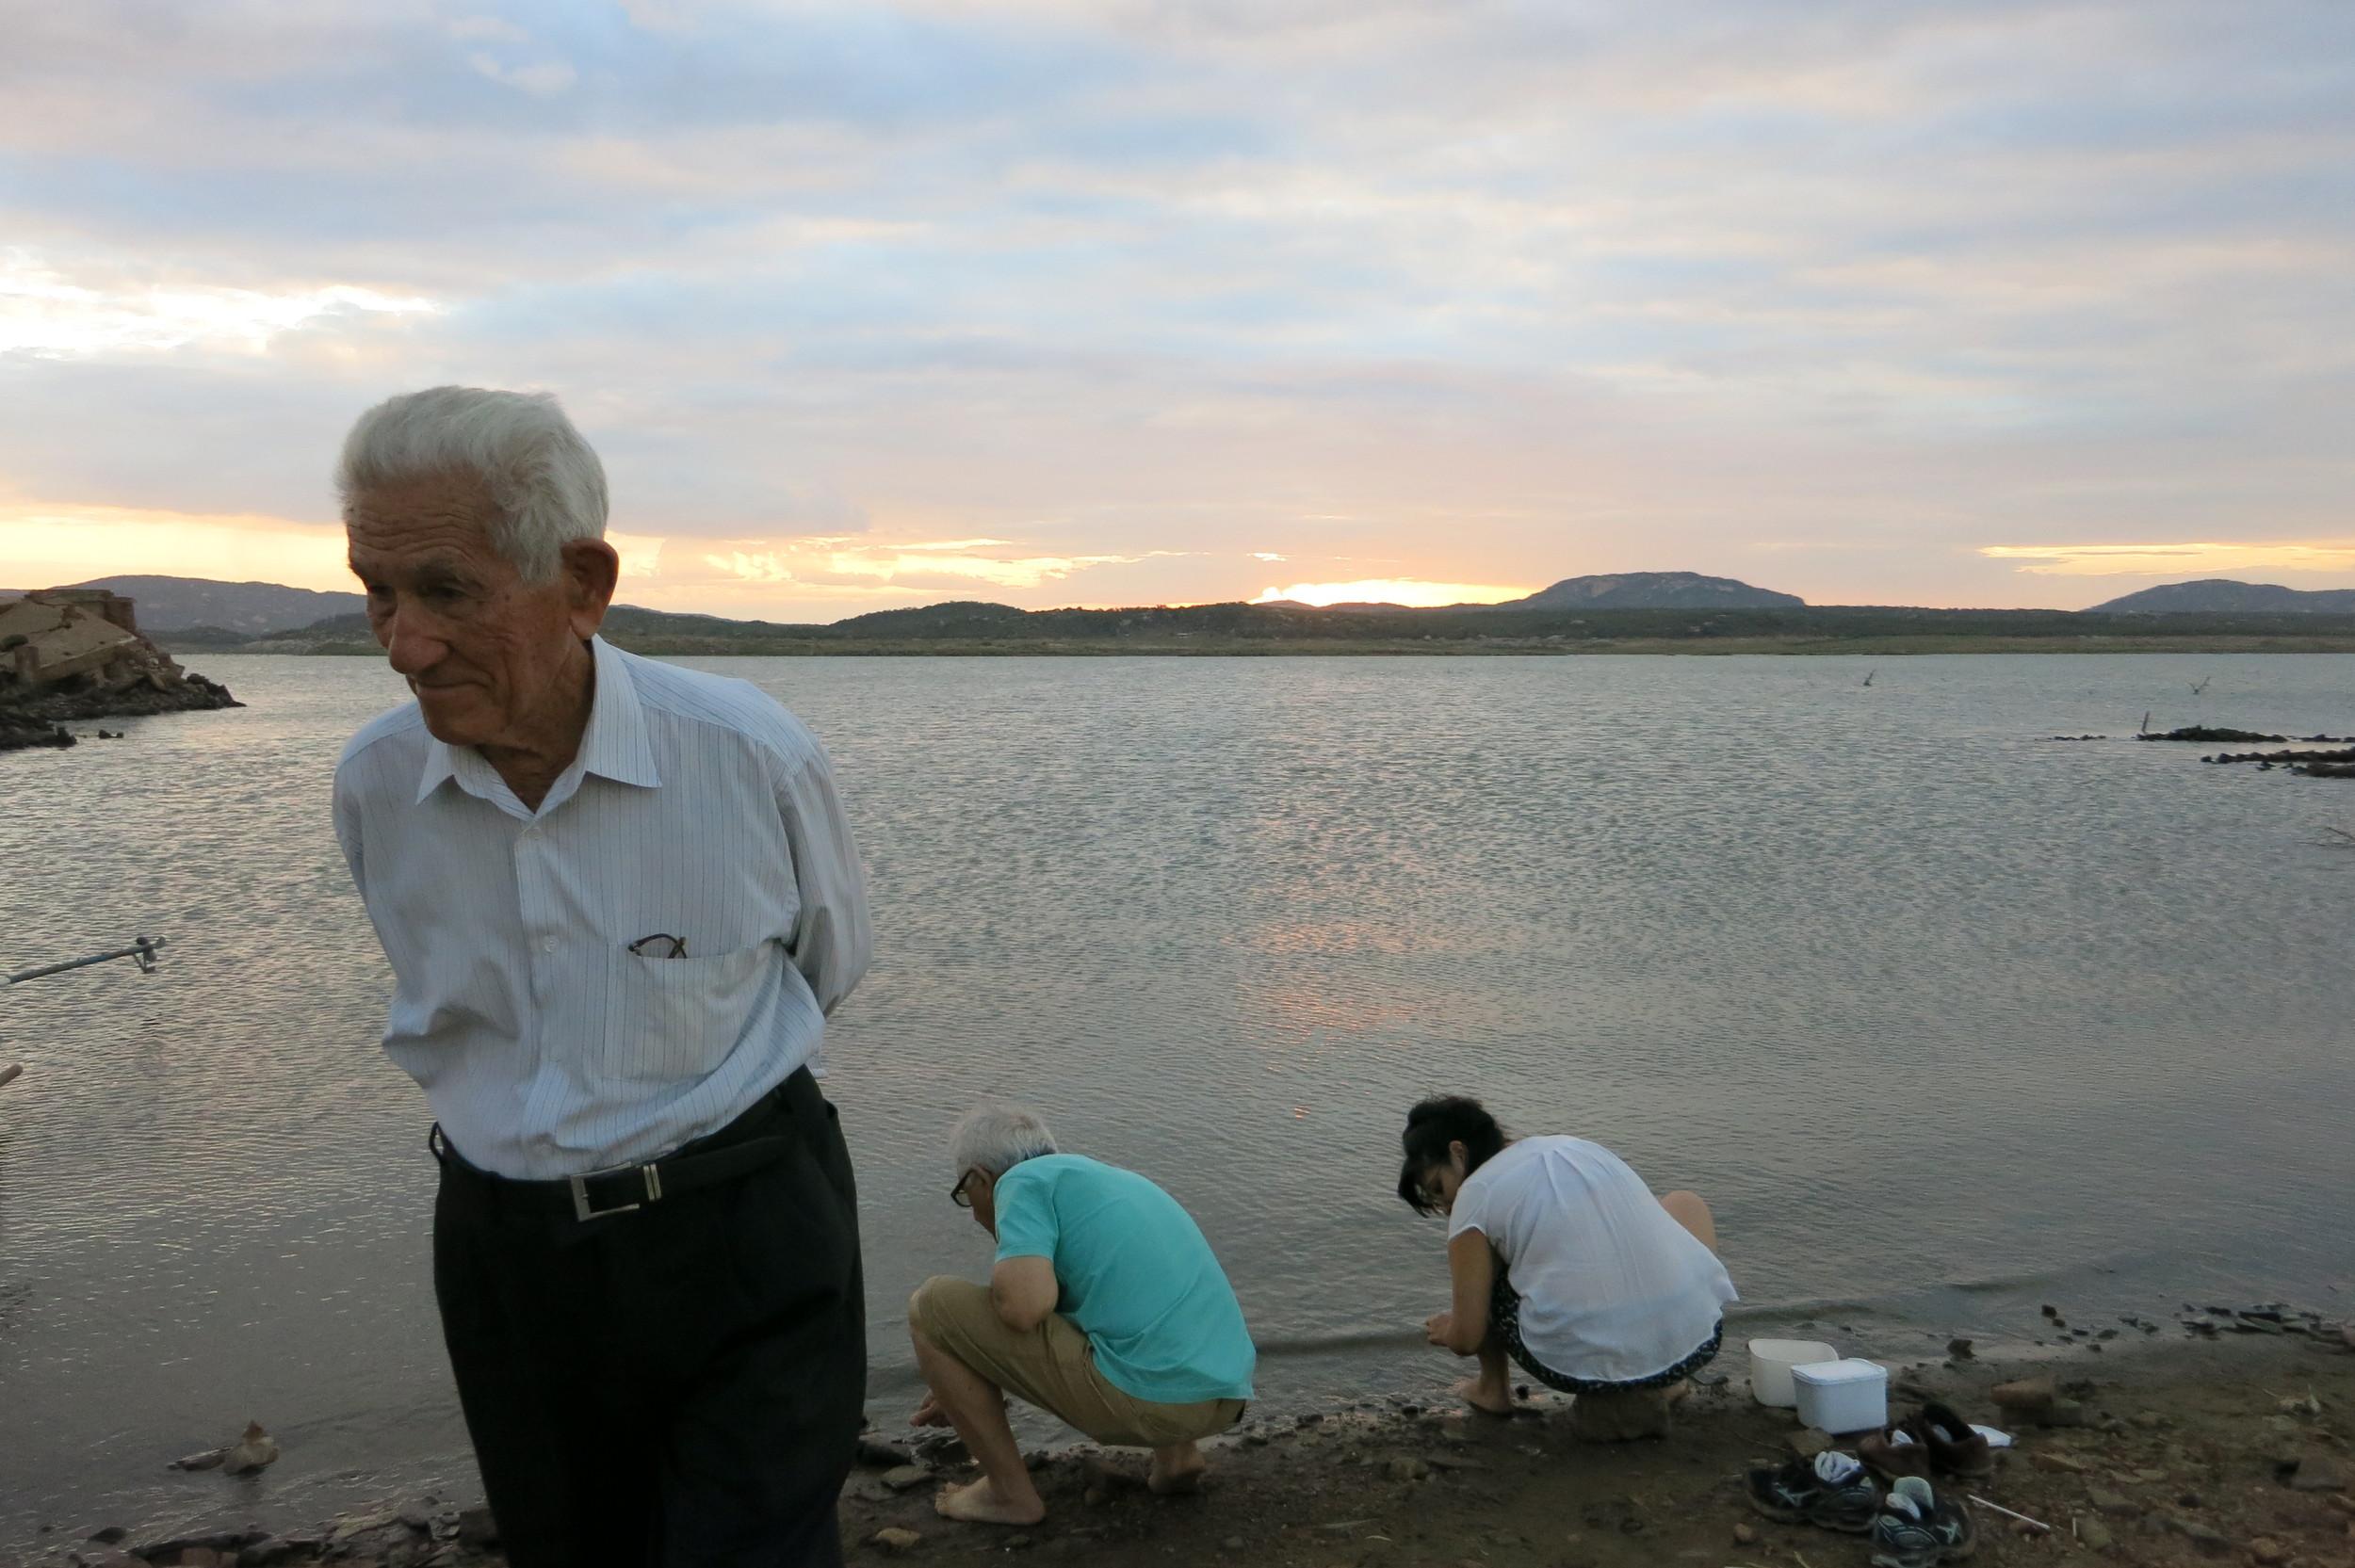 Meu avô, meu pai e eu.Na verdade, essa foto é da viagem passada (julho),mas isso fazíamos no domingo de manhã. Enquanto não éramos fotografados por minha mãe. hahaha